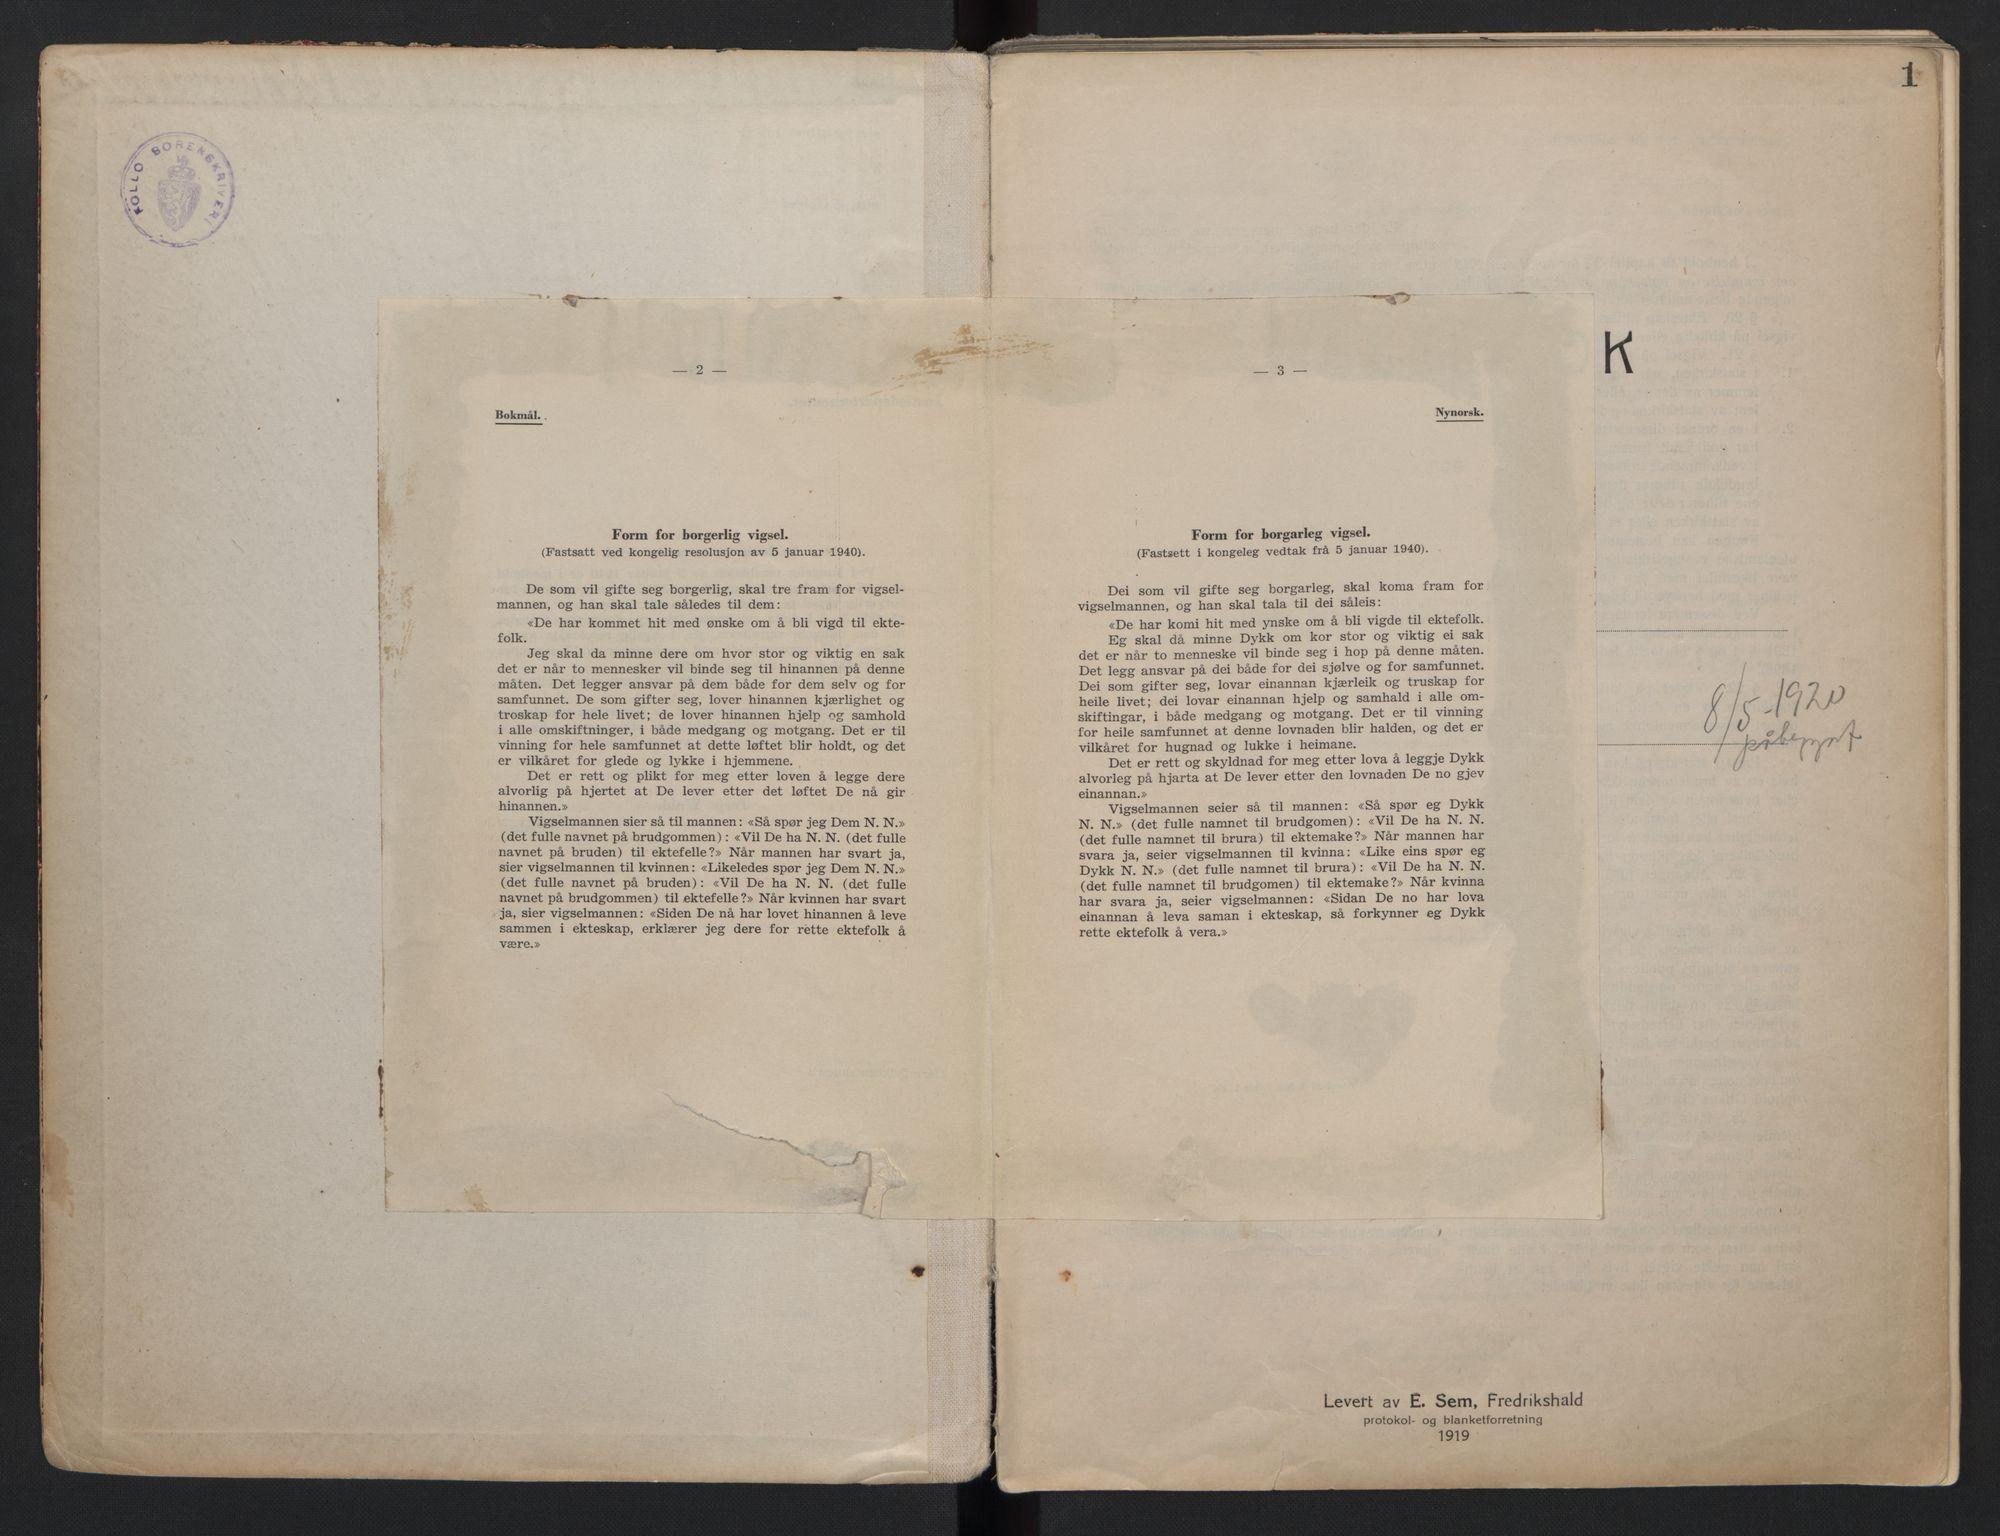 SAO, Follo sorenskriveri, L/La/Lab/L0001: Vigselsbok, 1920-1942, s. 1